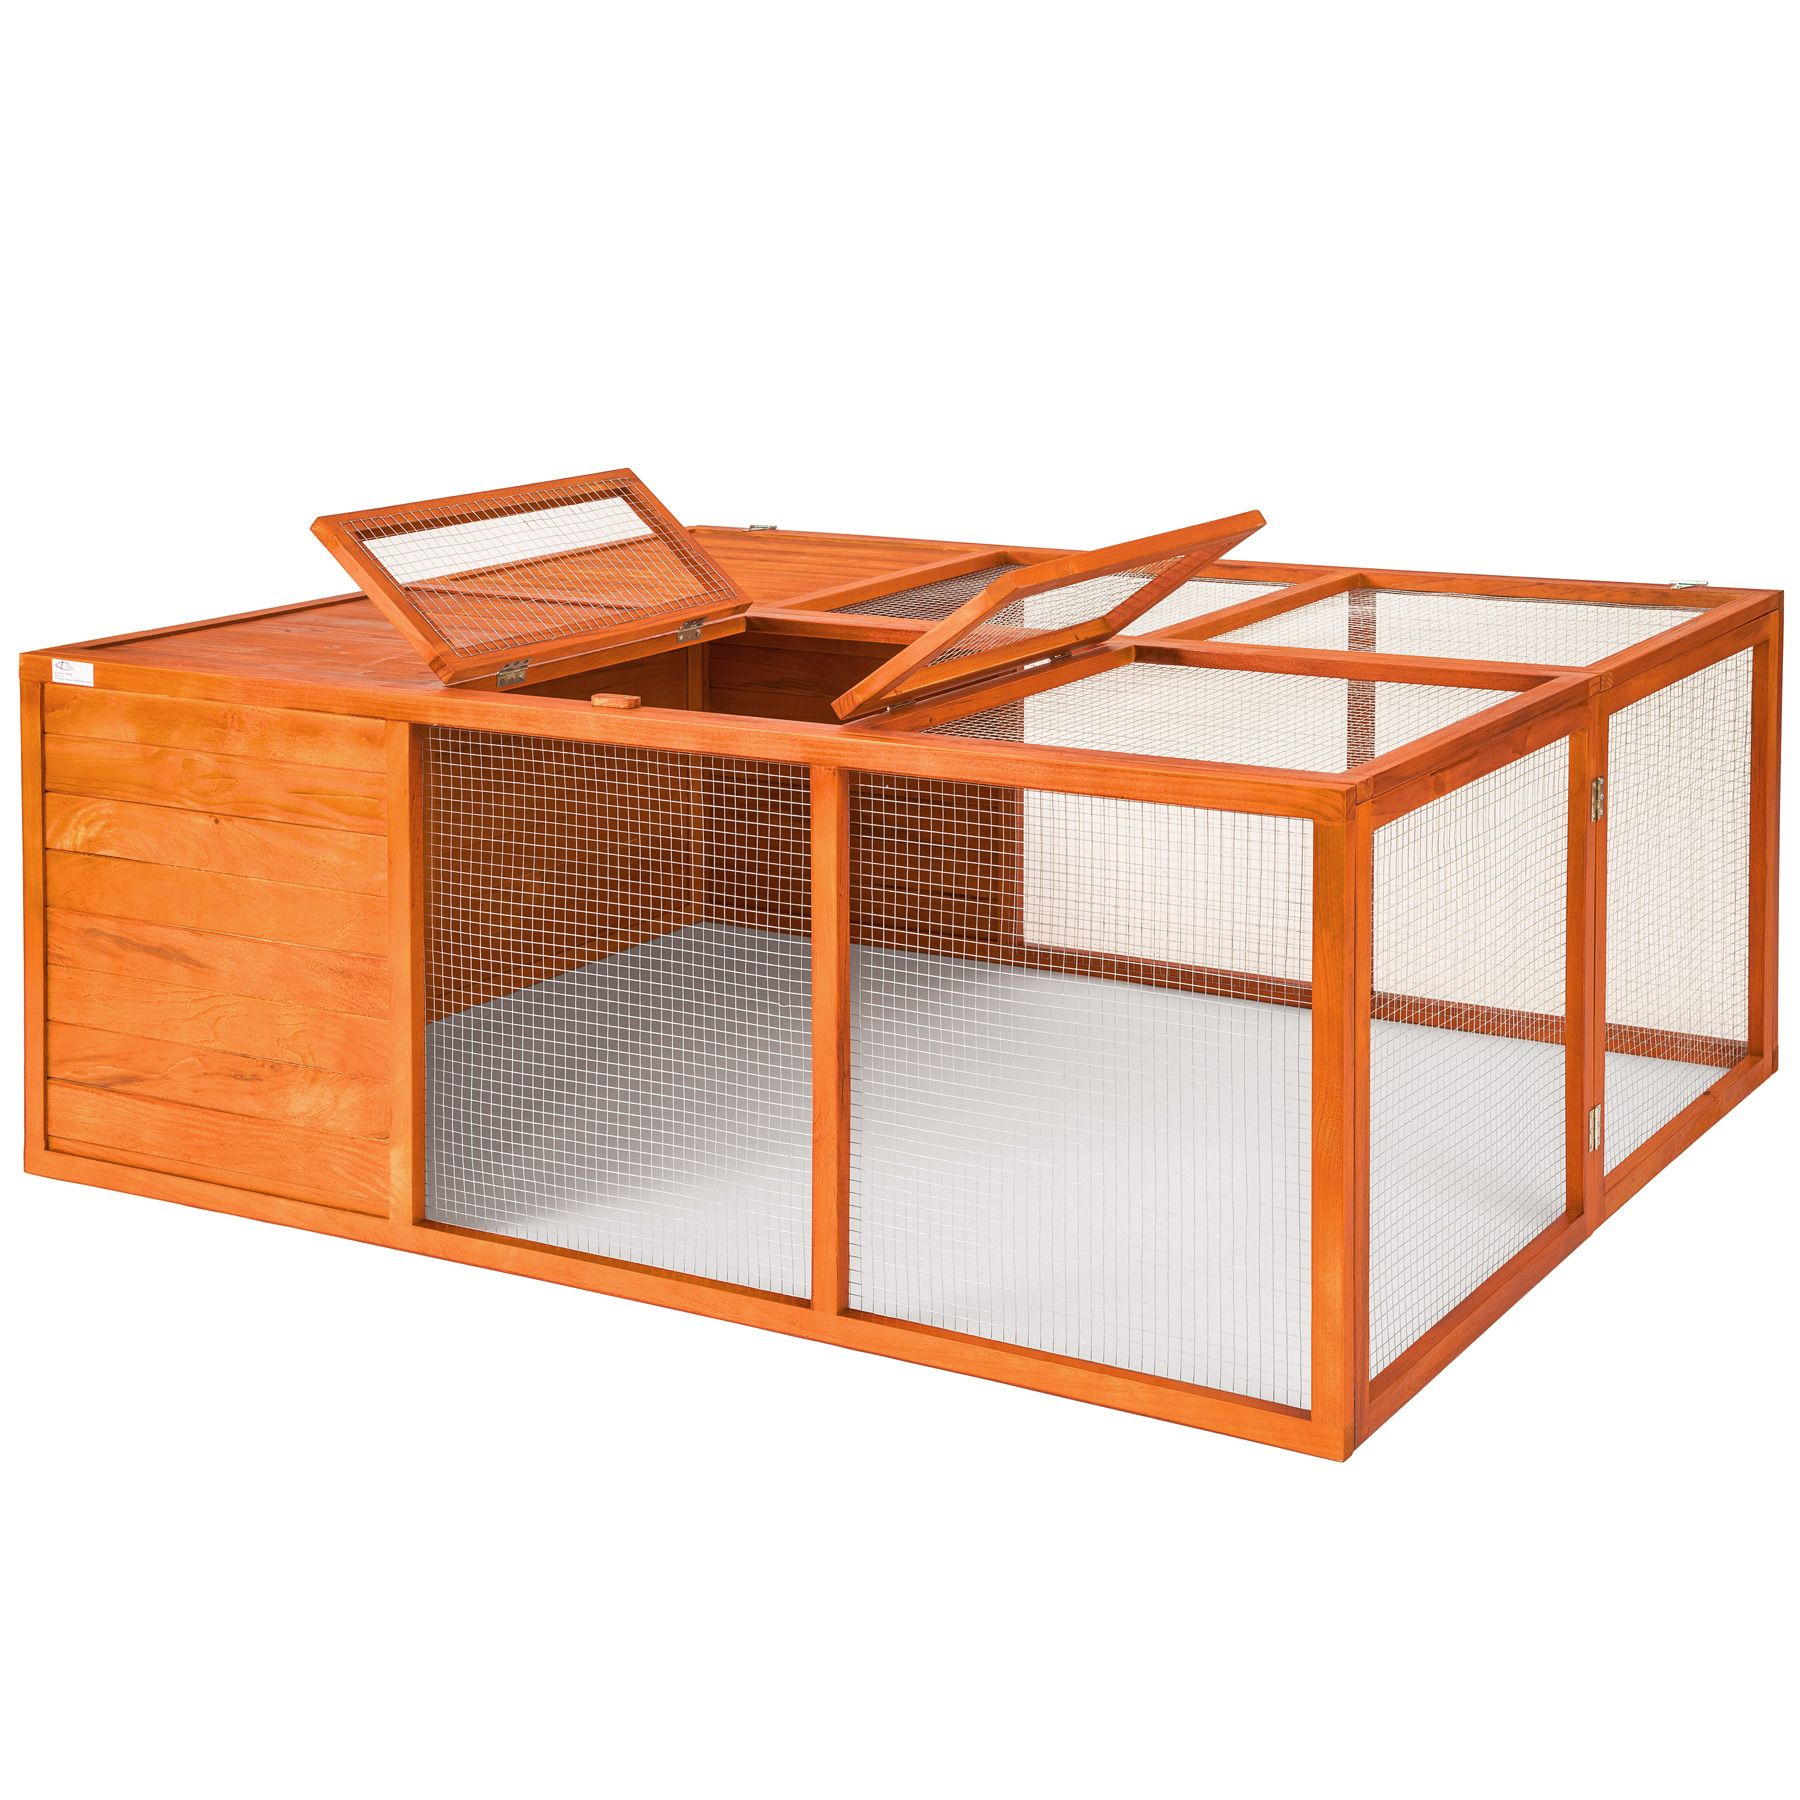 klappbarer kleintierstall hasenstall kaninchenstall freigehege freilauf gehege ebay. Black Bedroom Furniture Sets. Home Design Ideas